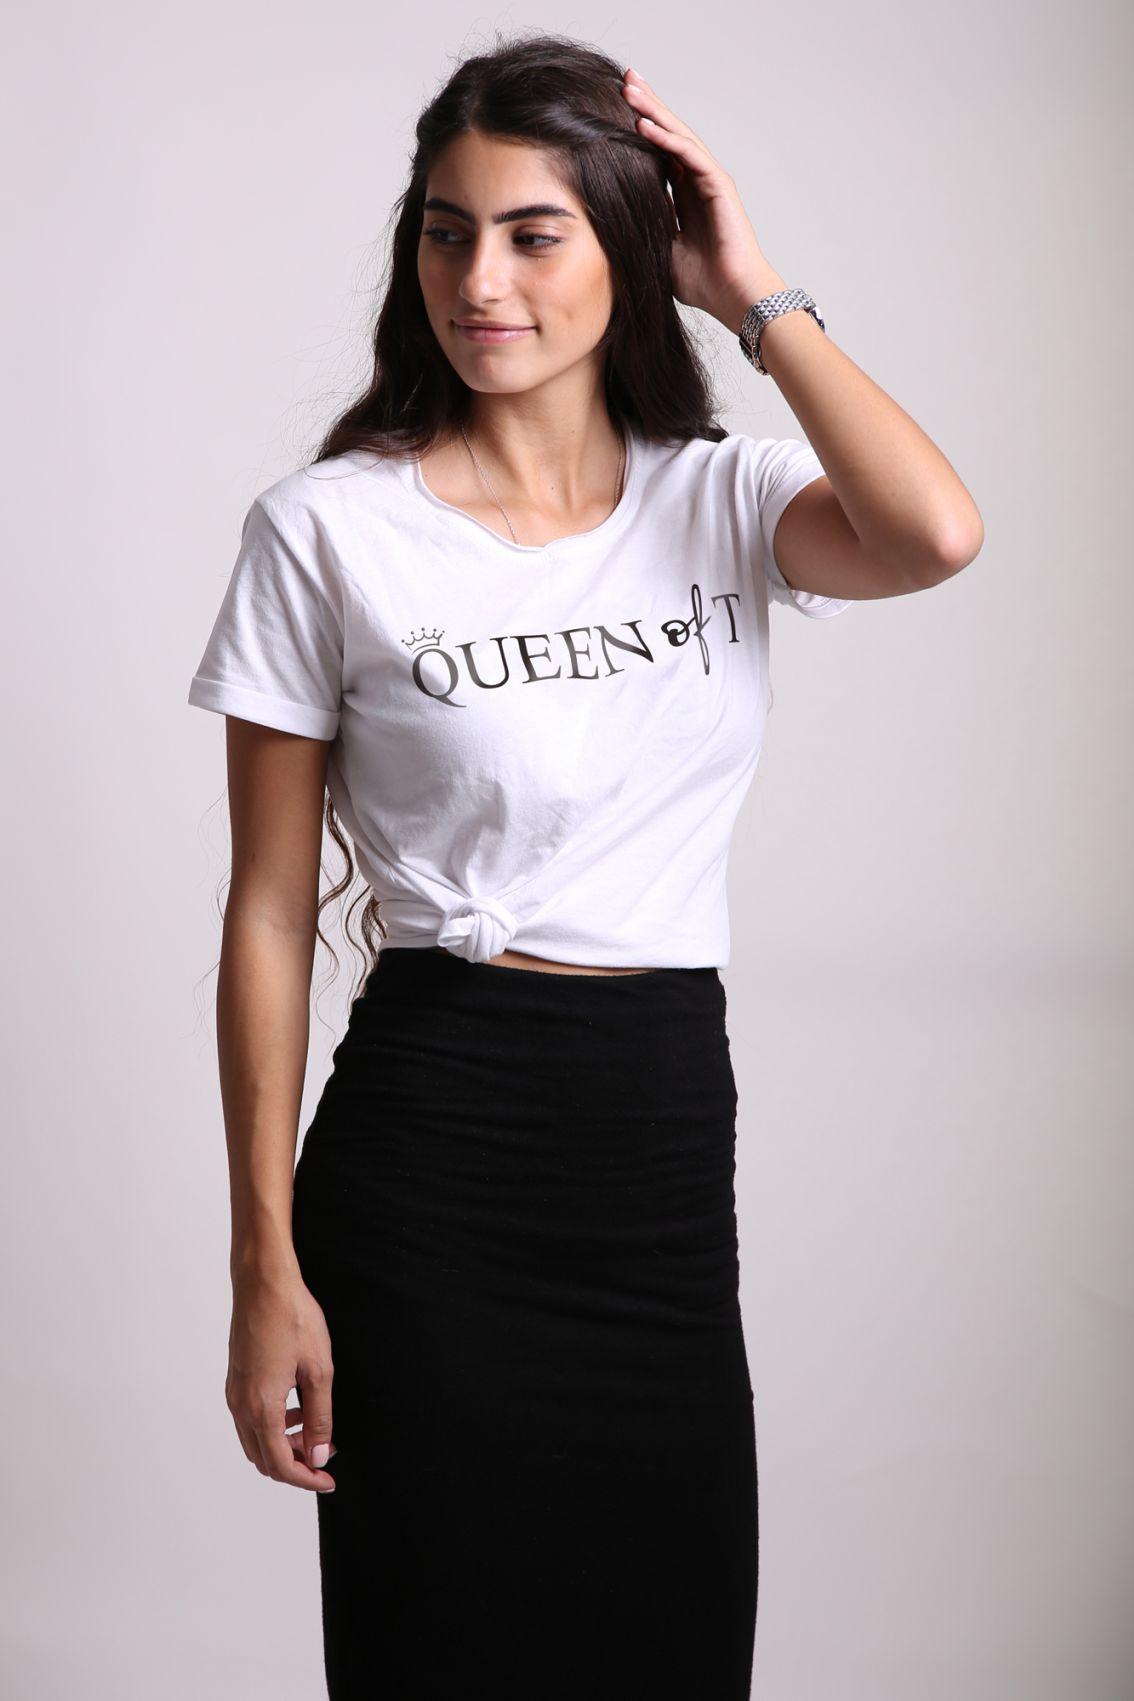 Queen of T - Tshirt